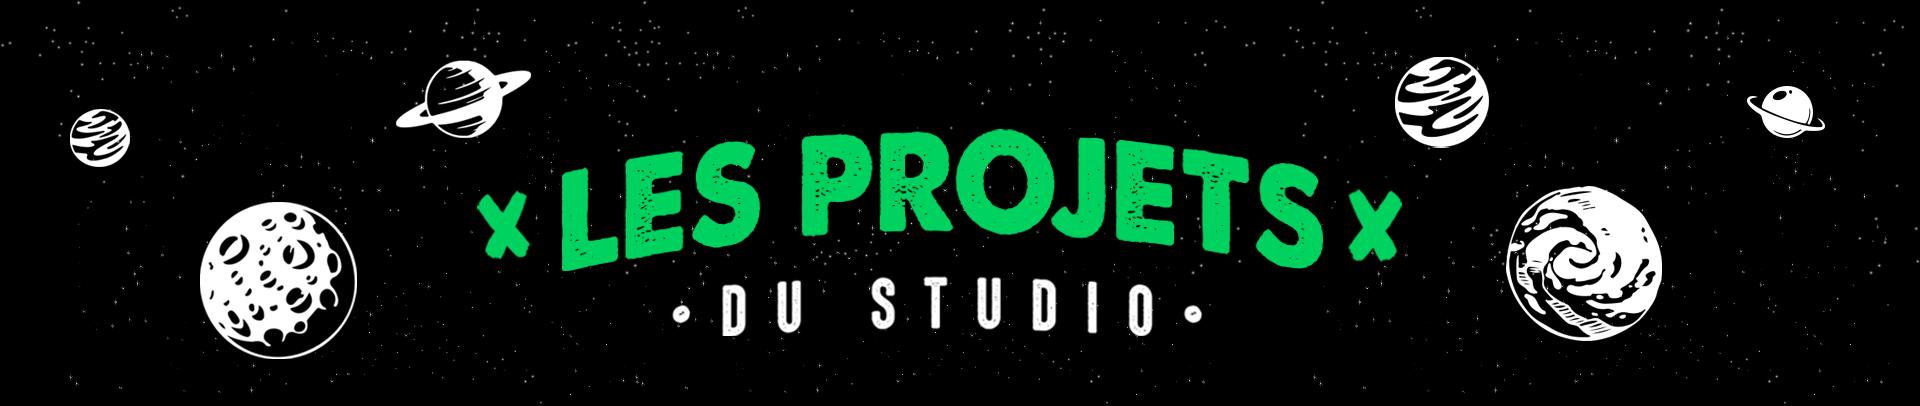 Les projets du studio